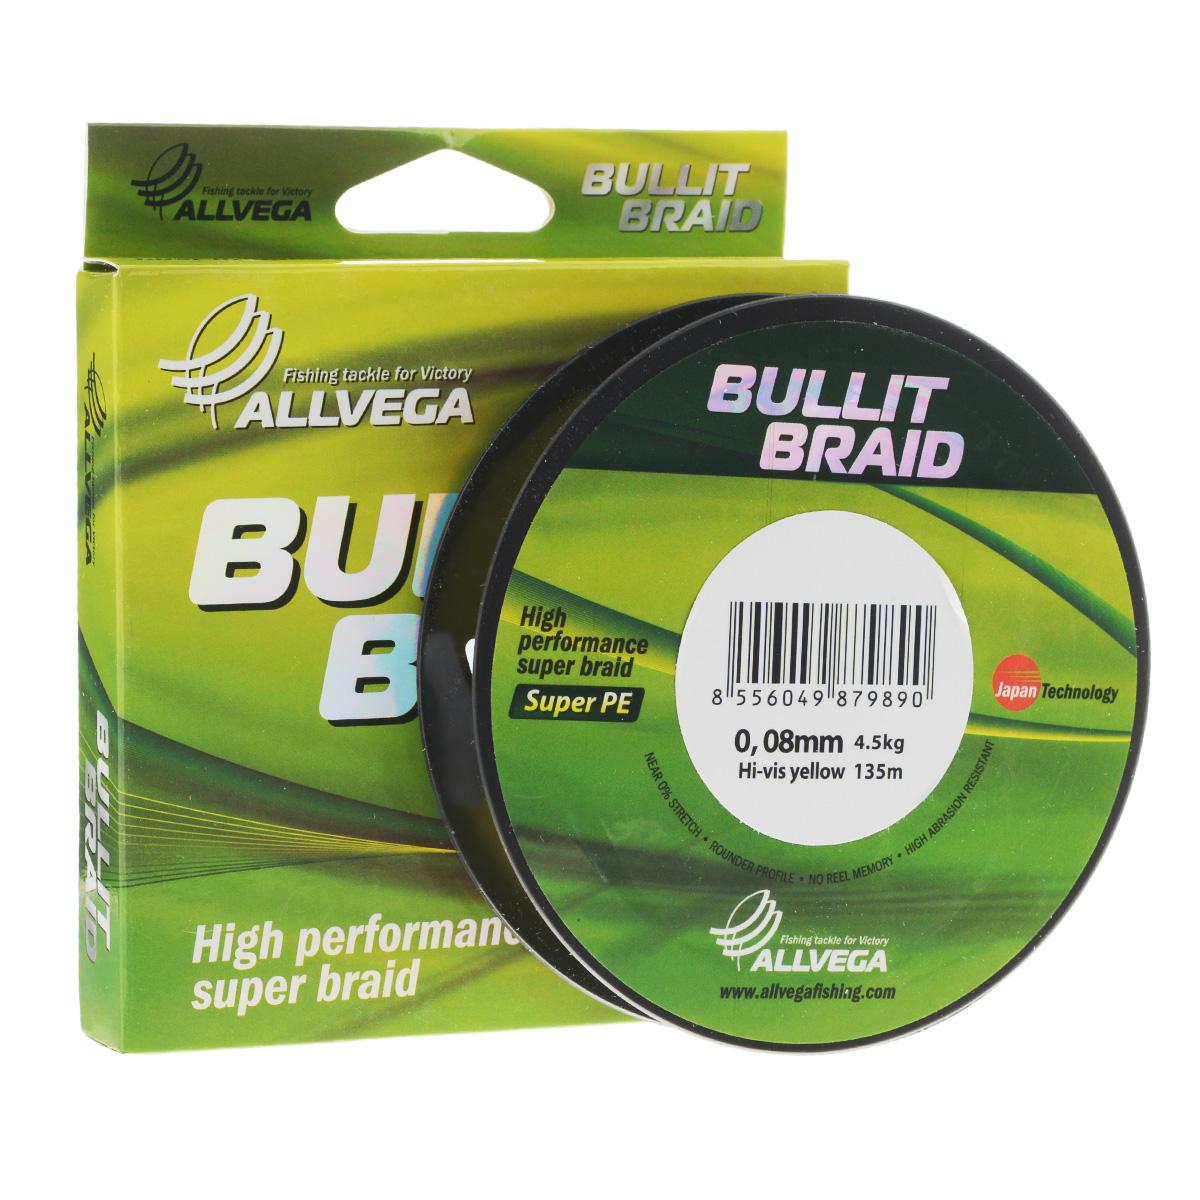 Леска плетеная Allvega Bullit Braid, цвет: ярко-желтый, 135 м, 0,08 мм, 4,5 кг31758Леска Allvega Bullit Braid с гладкой поверхностью и одинаковым сечением по всей длине обладает высокой износостойкостью. Благодаря микроволокнам полиэтилена (Super PE) леска имеет очень плотное плетение и не впитывает воду. Леску Allvega Bullit Braid можно применять в любых типах водоемов. Особенности:повышенная износостойкость;высокая чувствительность - коэффициент растяжения близок к нулю;отсутствует память; идеально гладкая поверхность позволяет увеличить дальность забросов; высокая прочность шнура на узлах.